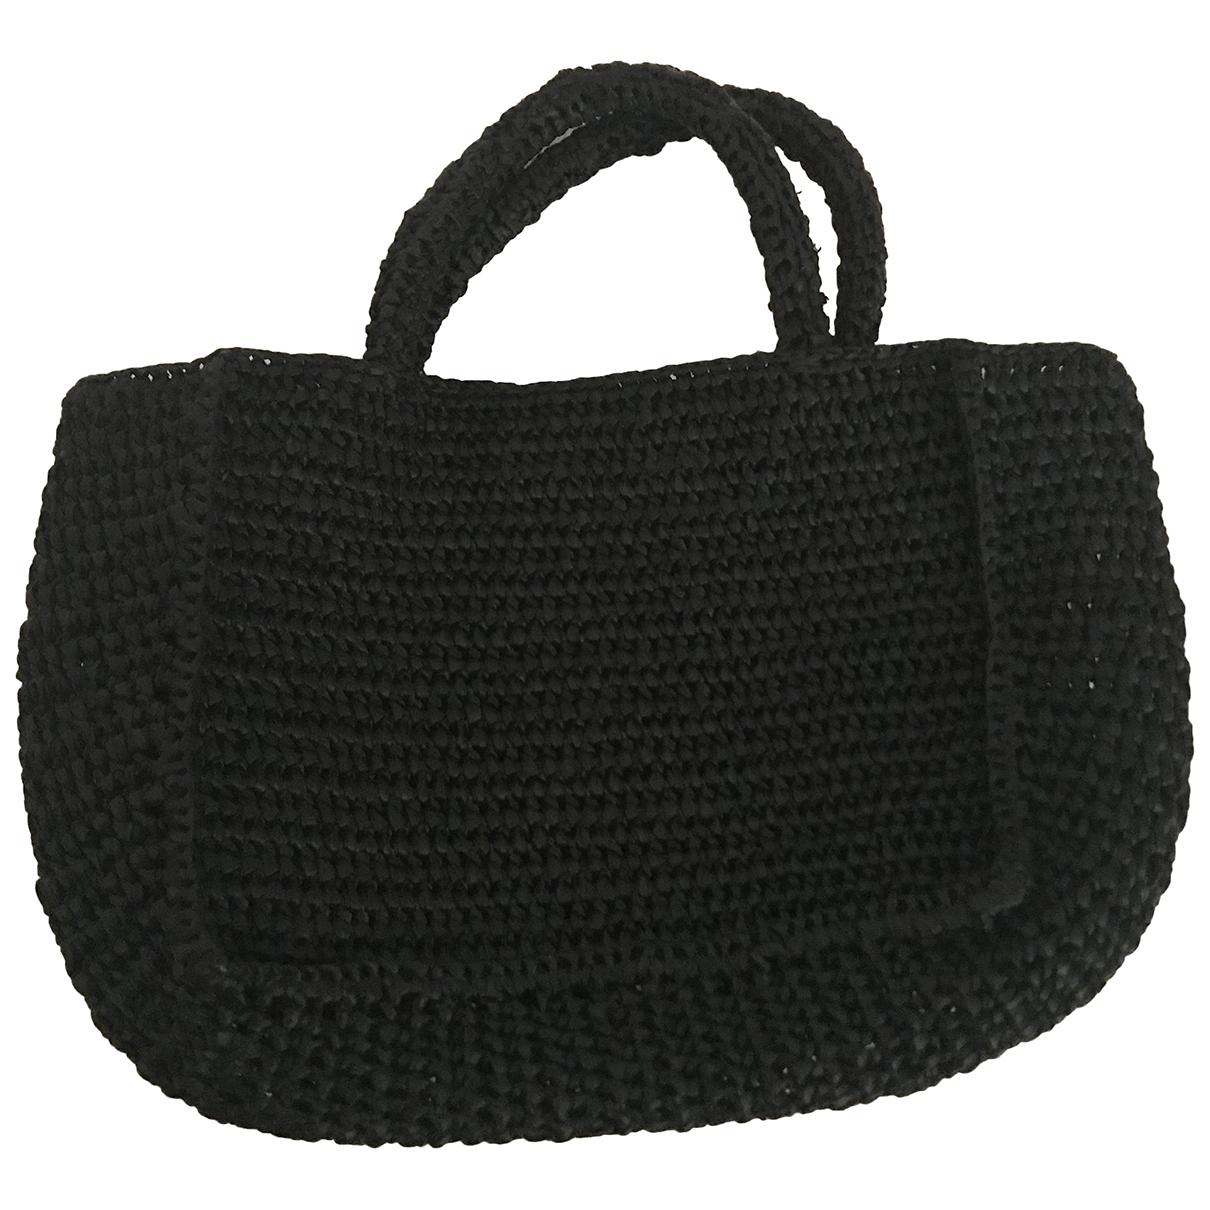 Miista N Black Wicker handbag for Women N